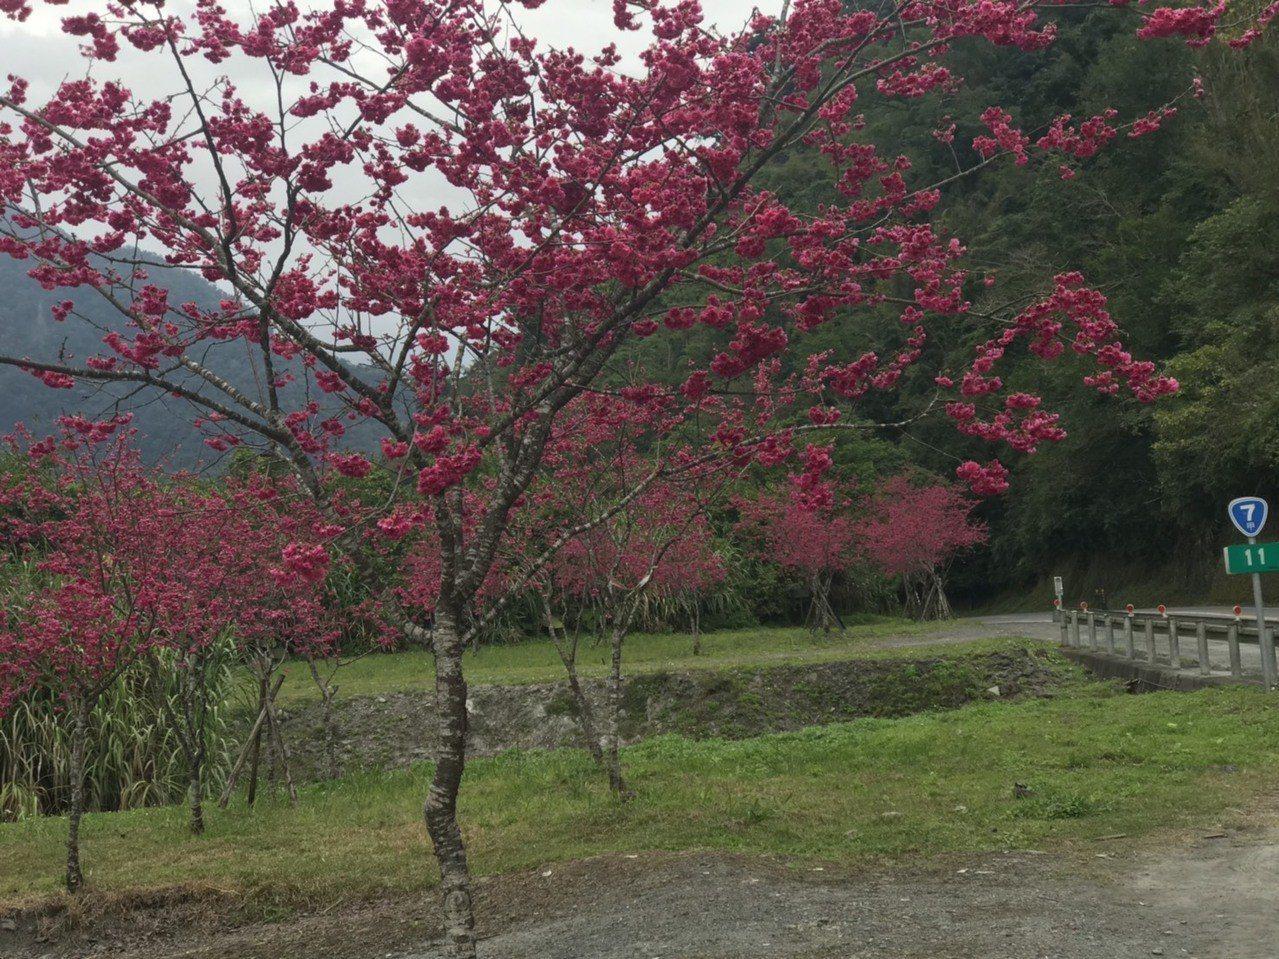 「櫻花公路」花季要結束了!每逢櫻花祭的到來,台七丙線都會有許多遊客來一睹「花姿」...